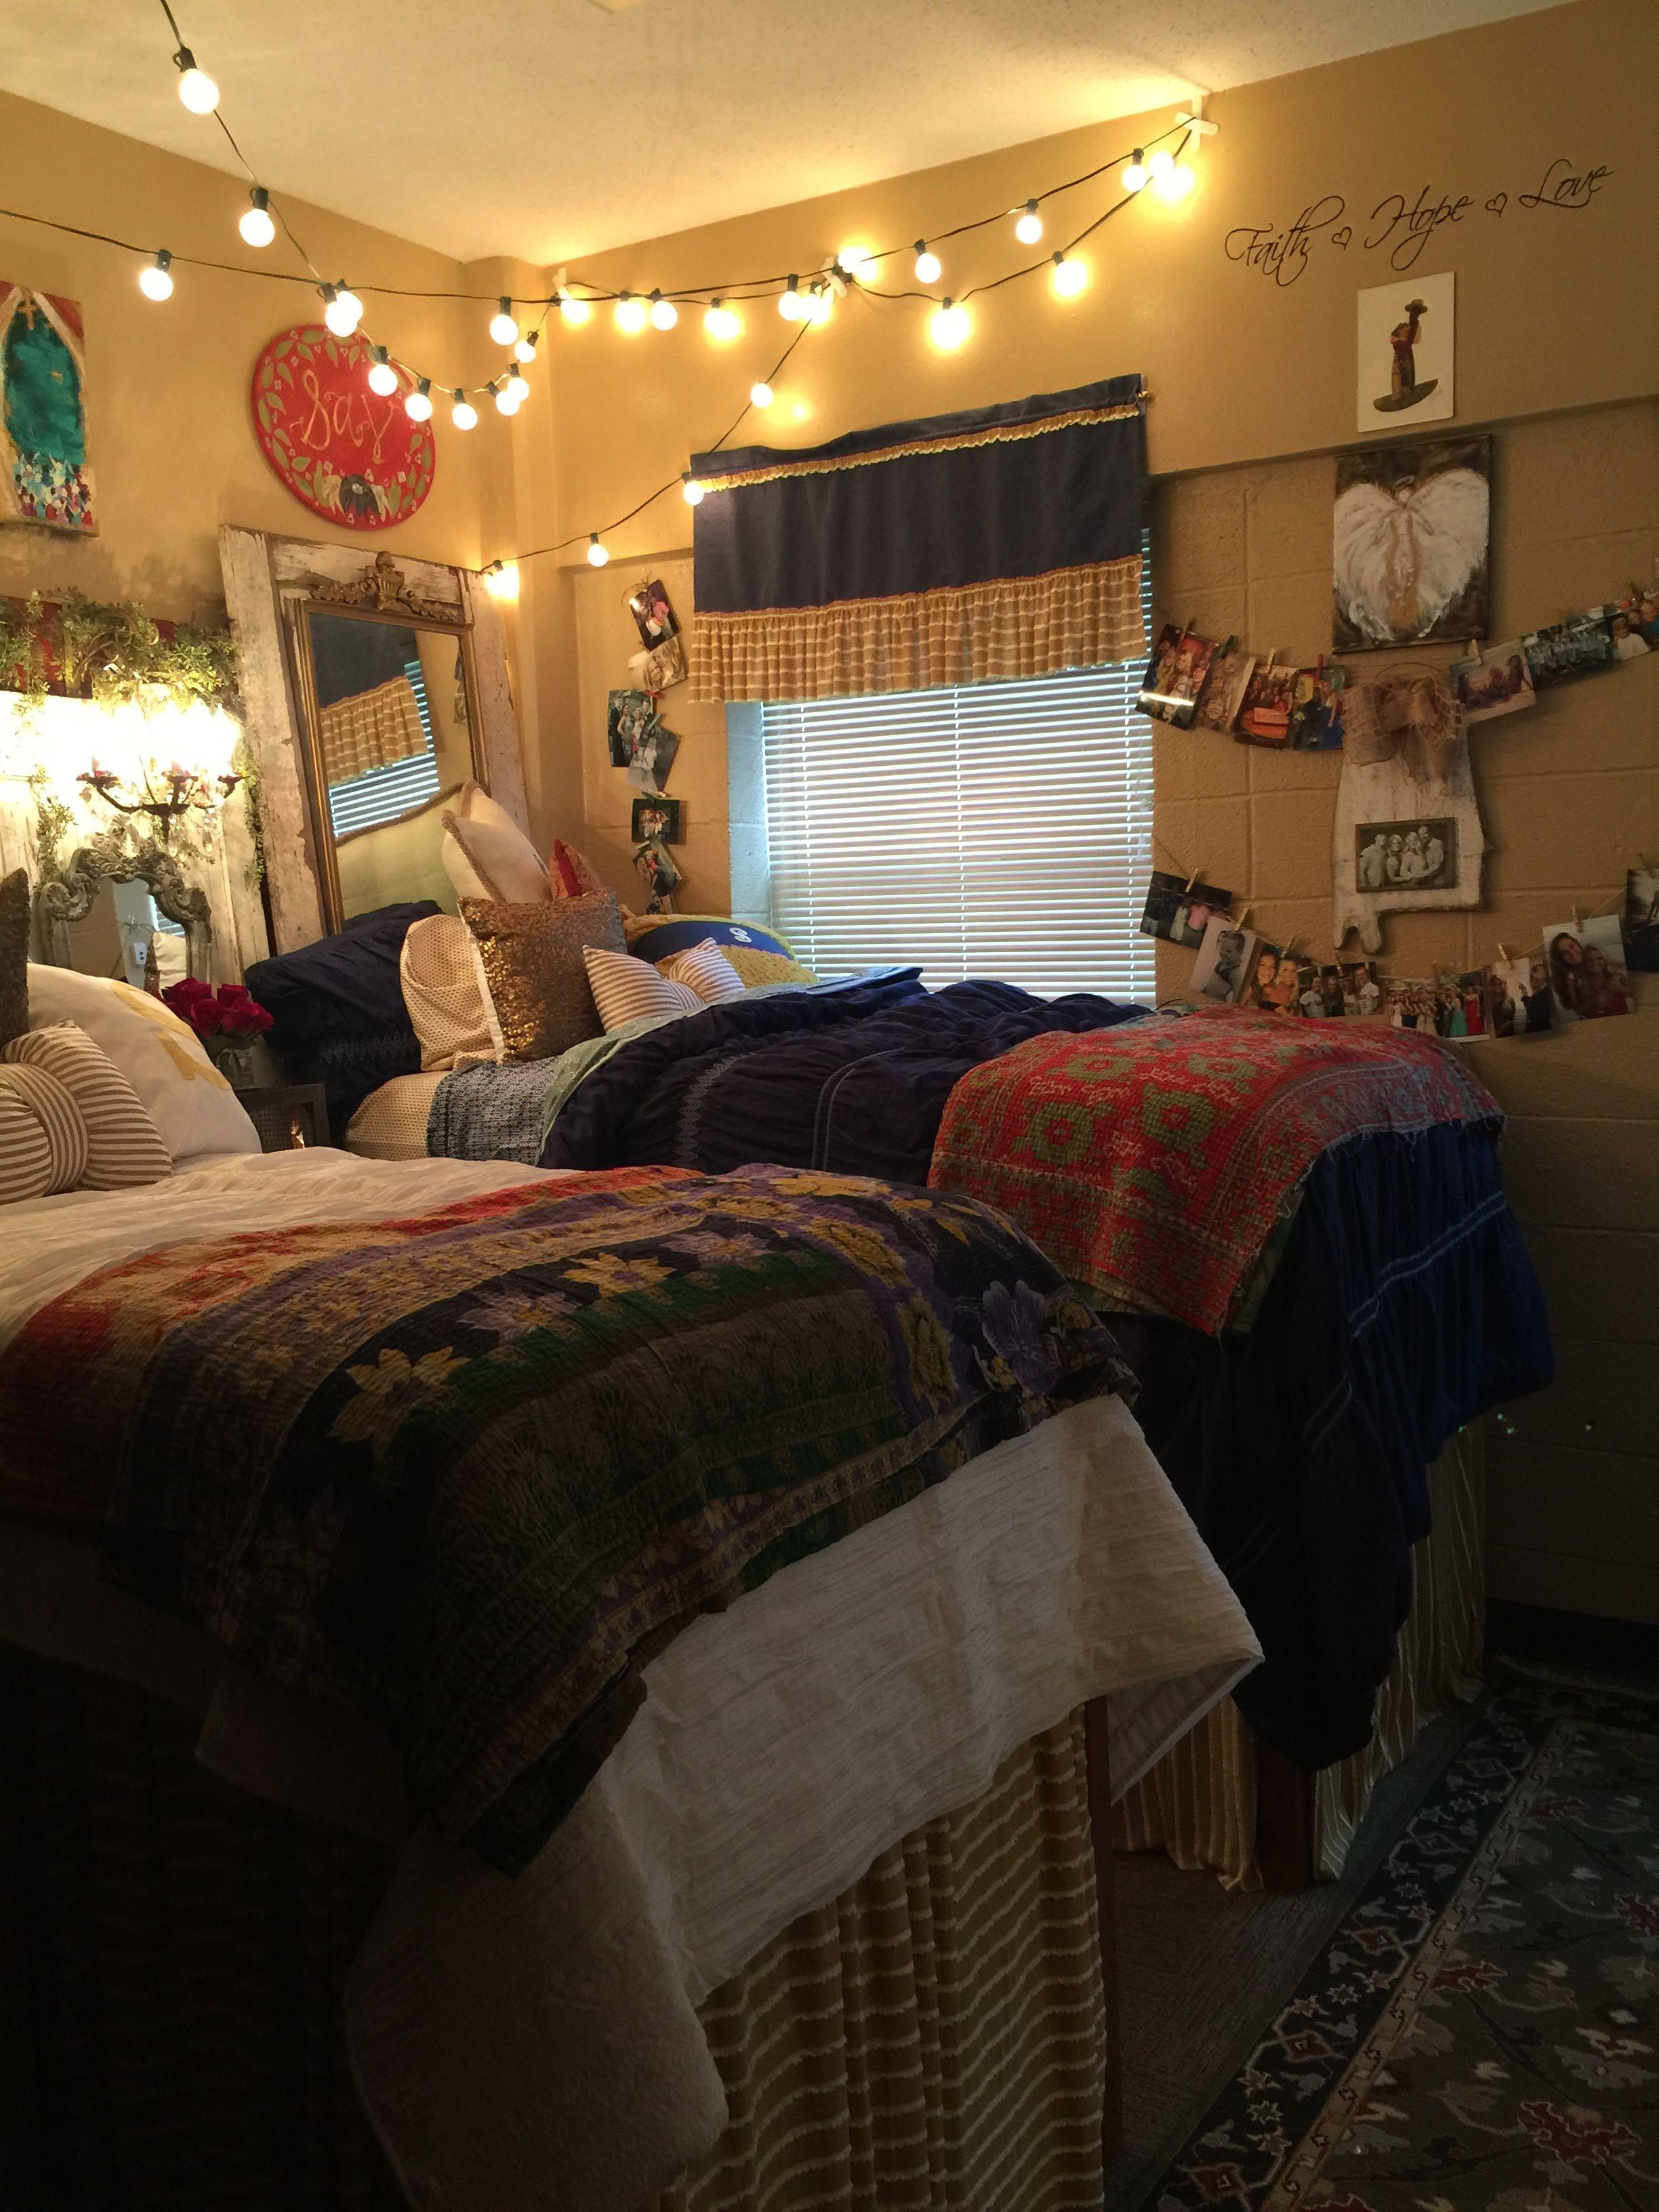 This Is A Harding Dorm  Dorm Room    Dorm Dorm Room